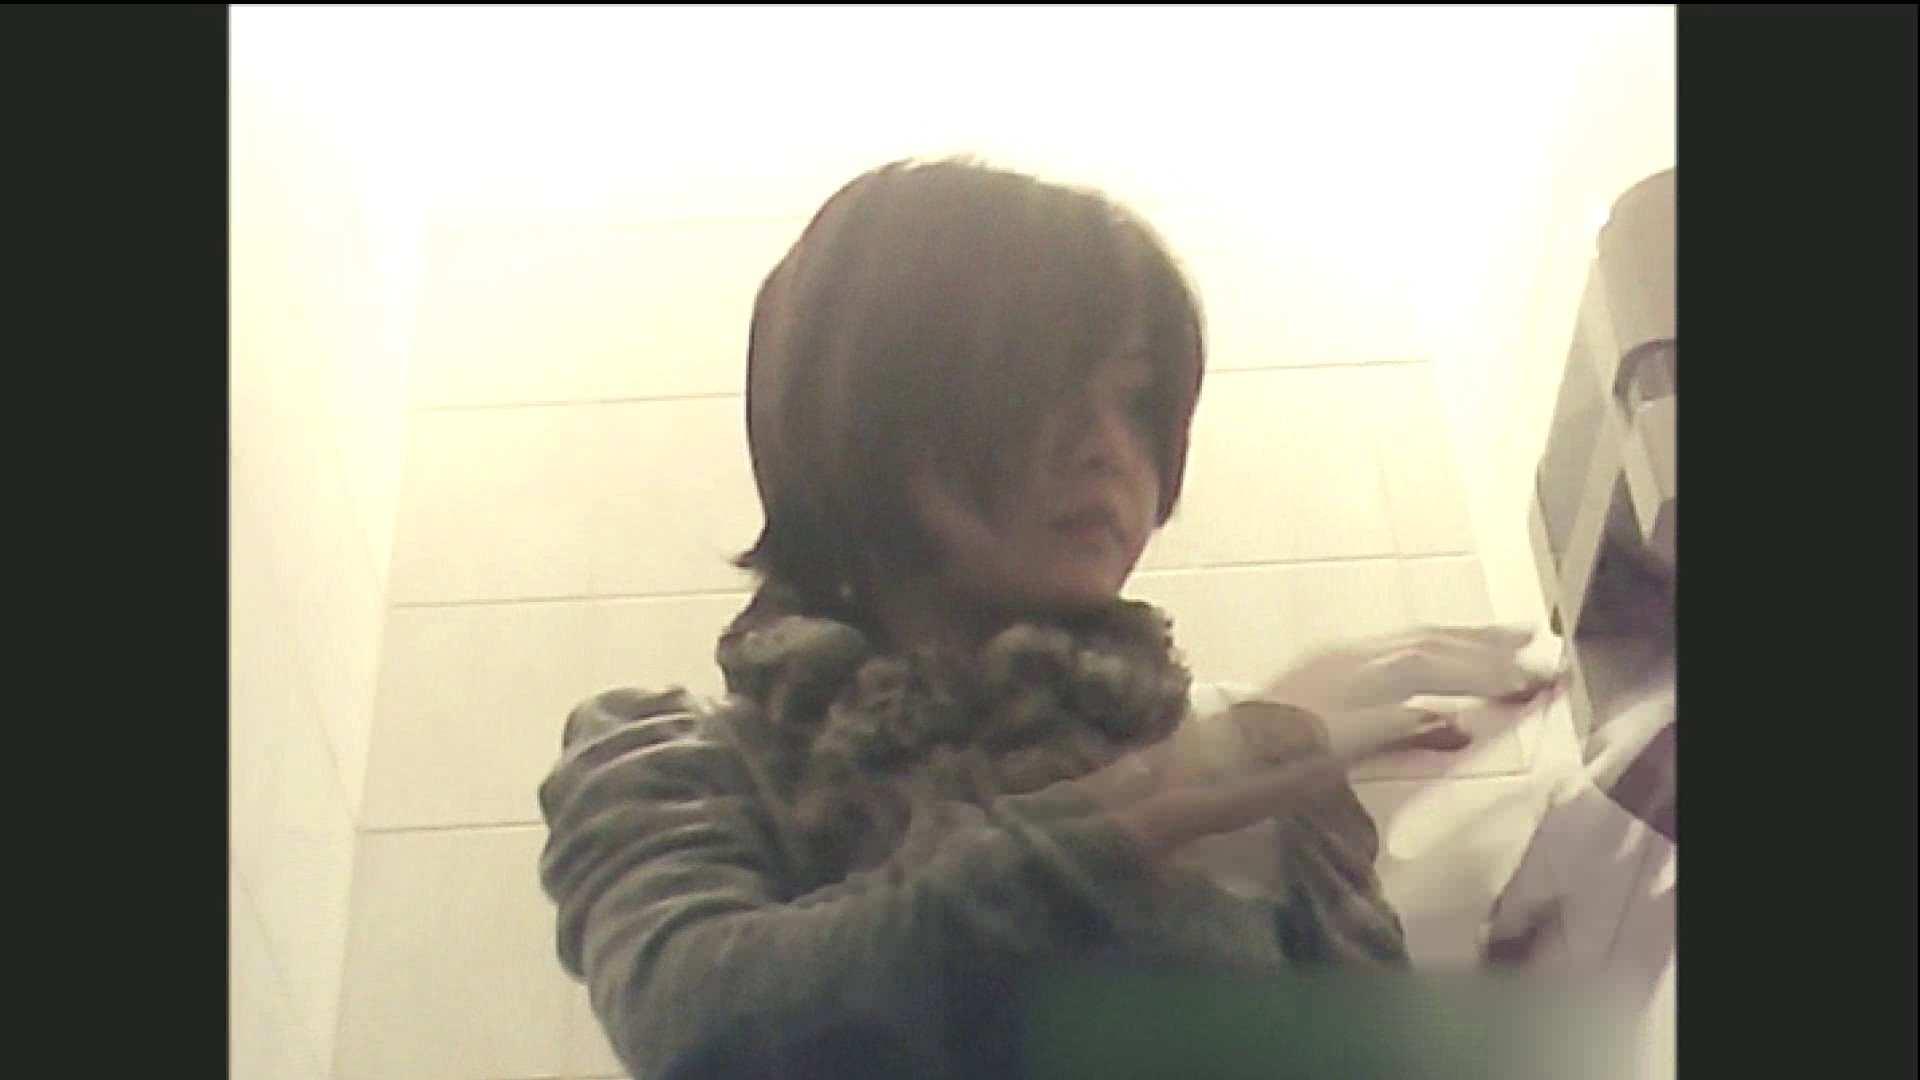 実録!!綺麗なお姉さんのトイレ事情・・・。vol.10 OLエロ画像 盗撮ヌード画像 92PICs 86